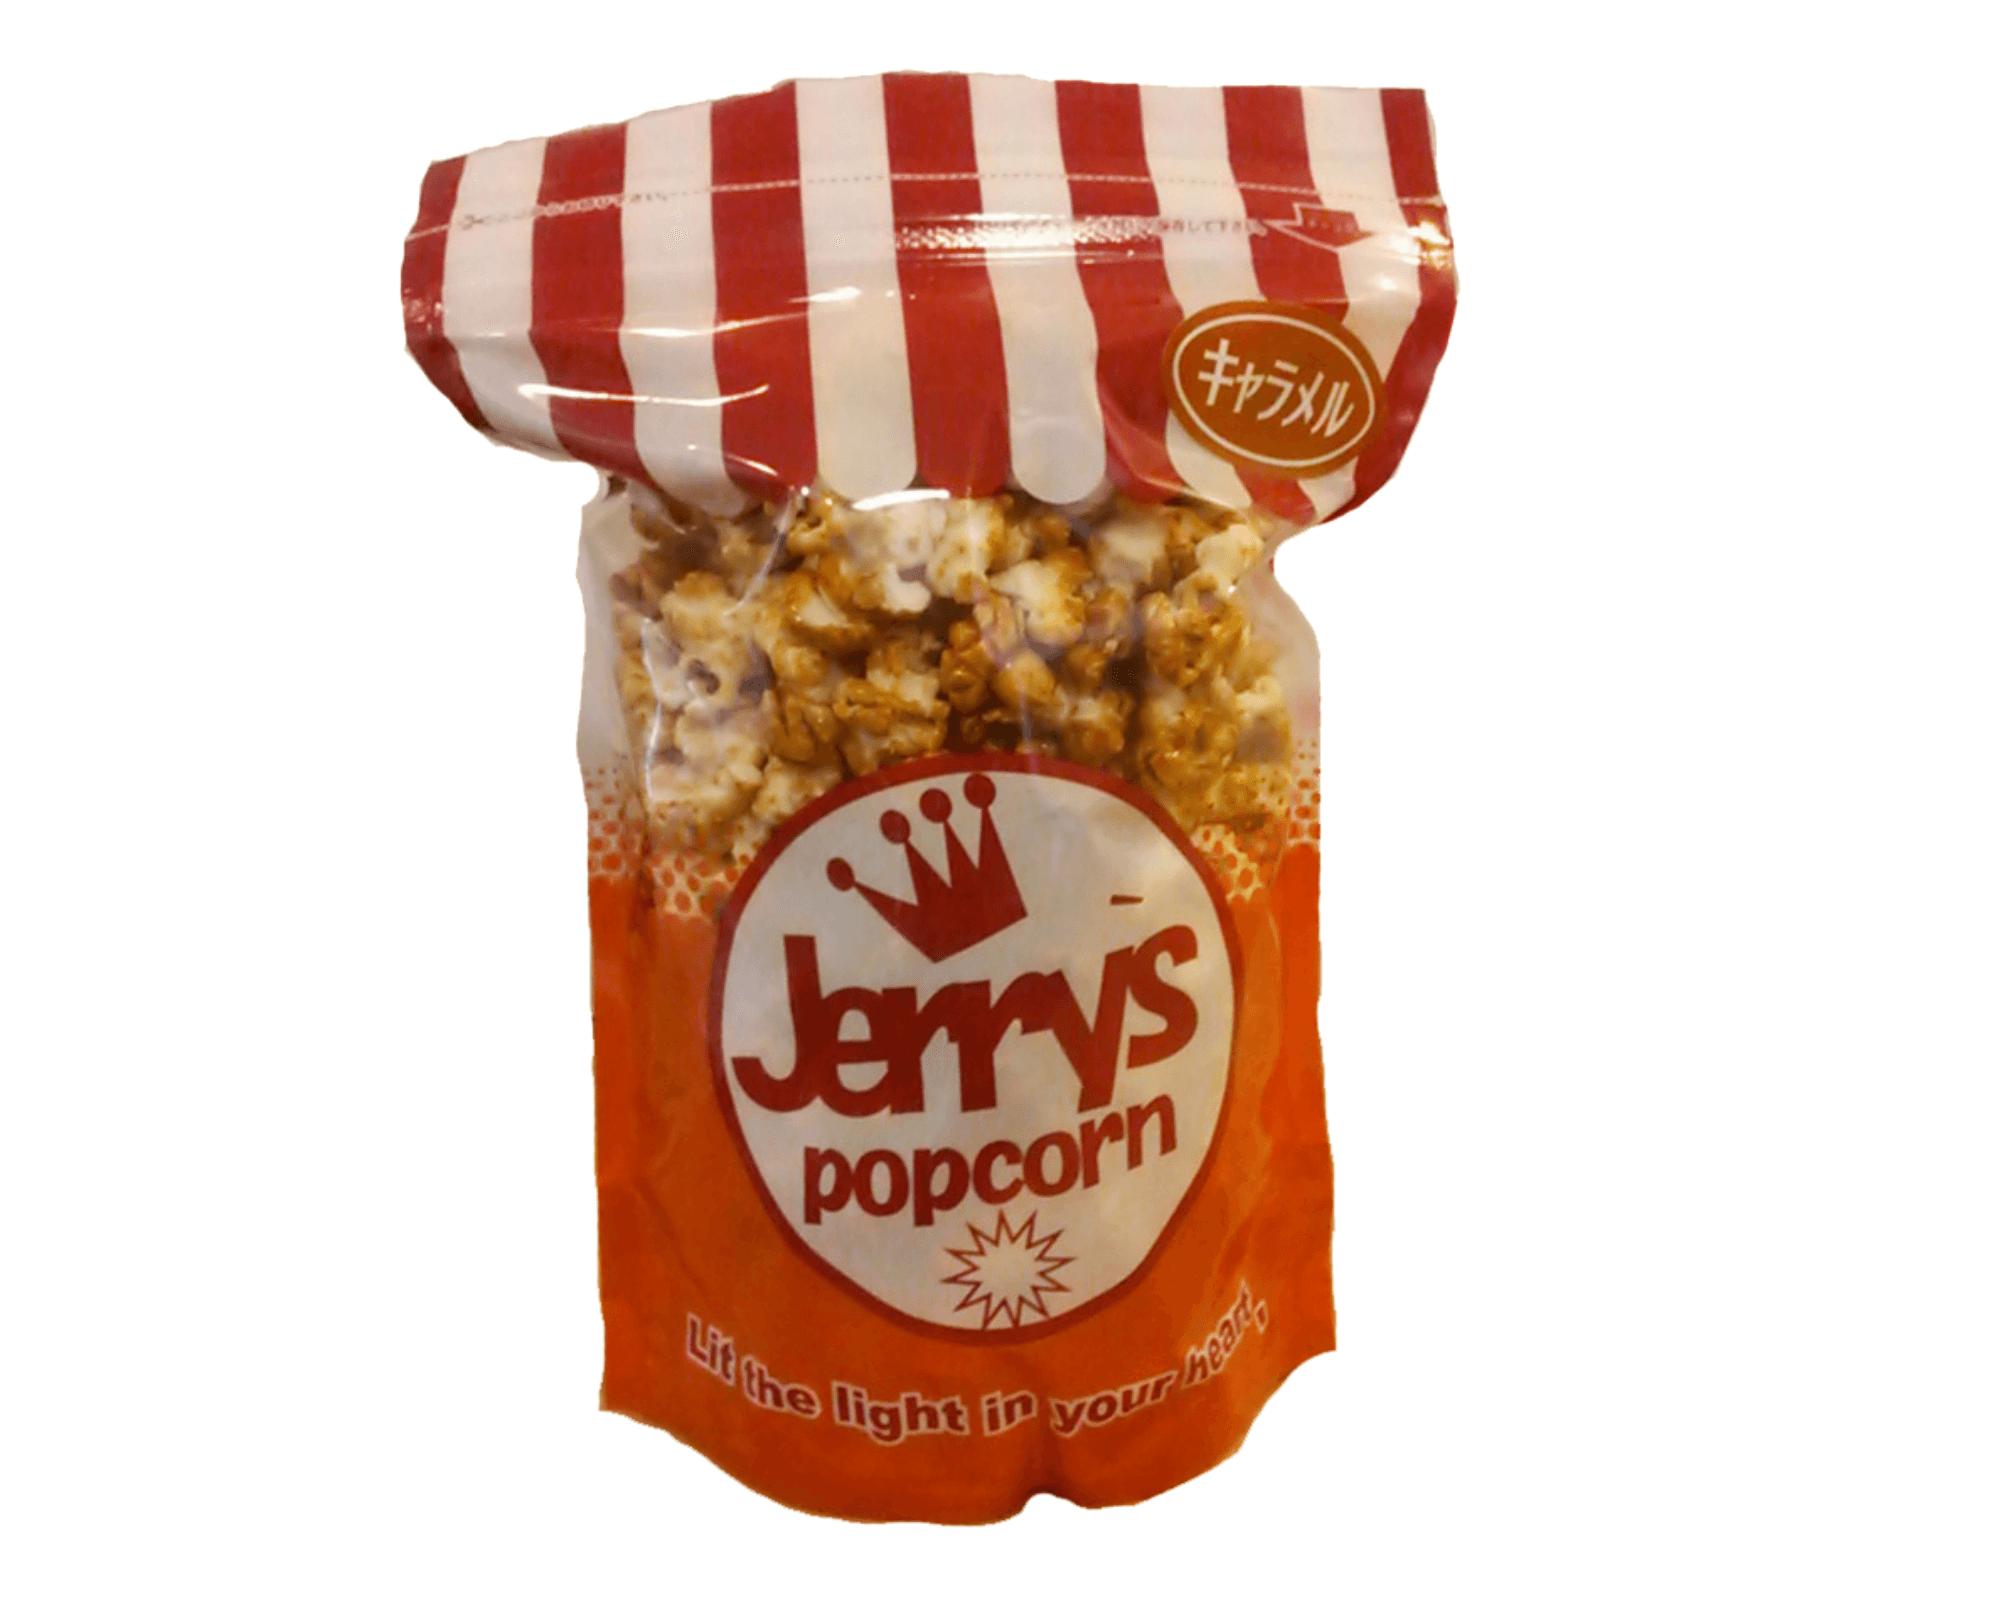 ジェリーズポップコーンのポップコーン